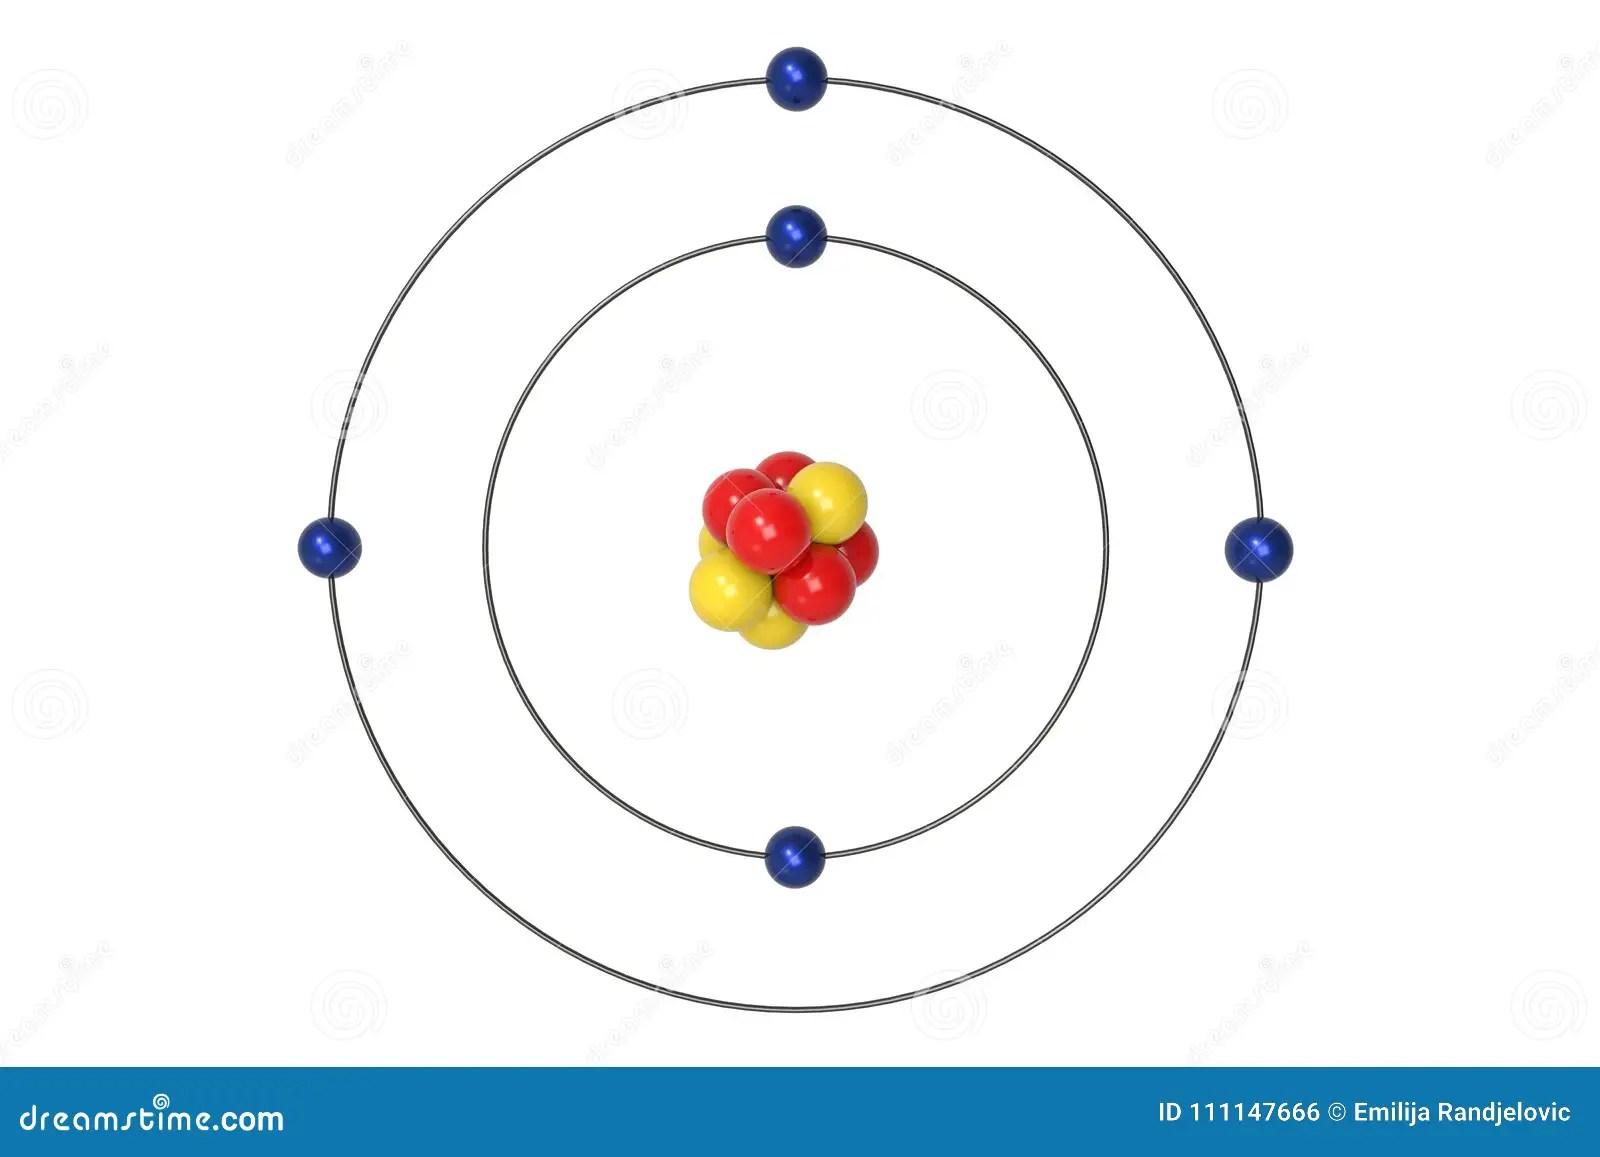 hight resolution of boron atom bohr model with proton neutron and electron